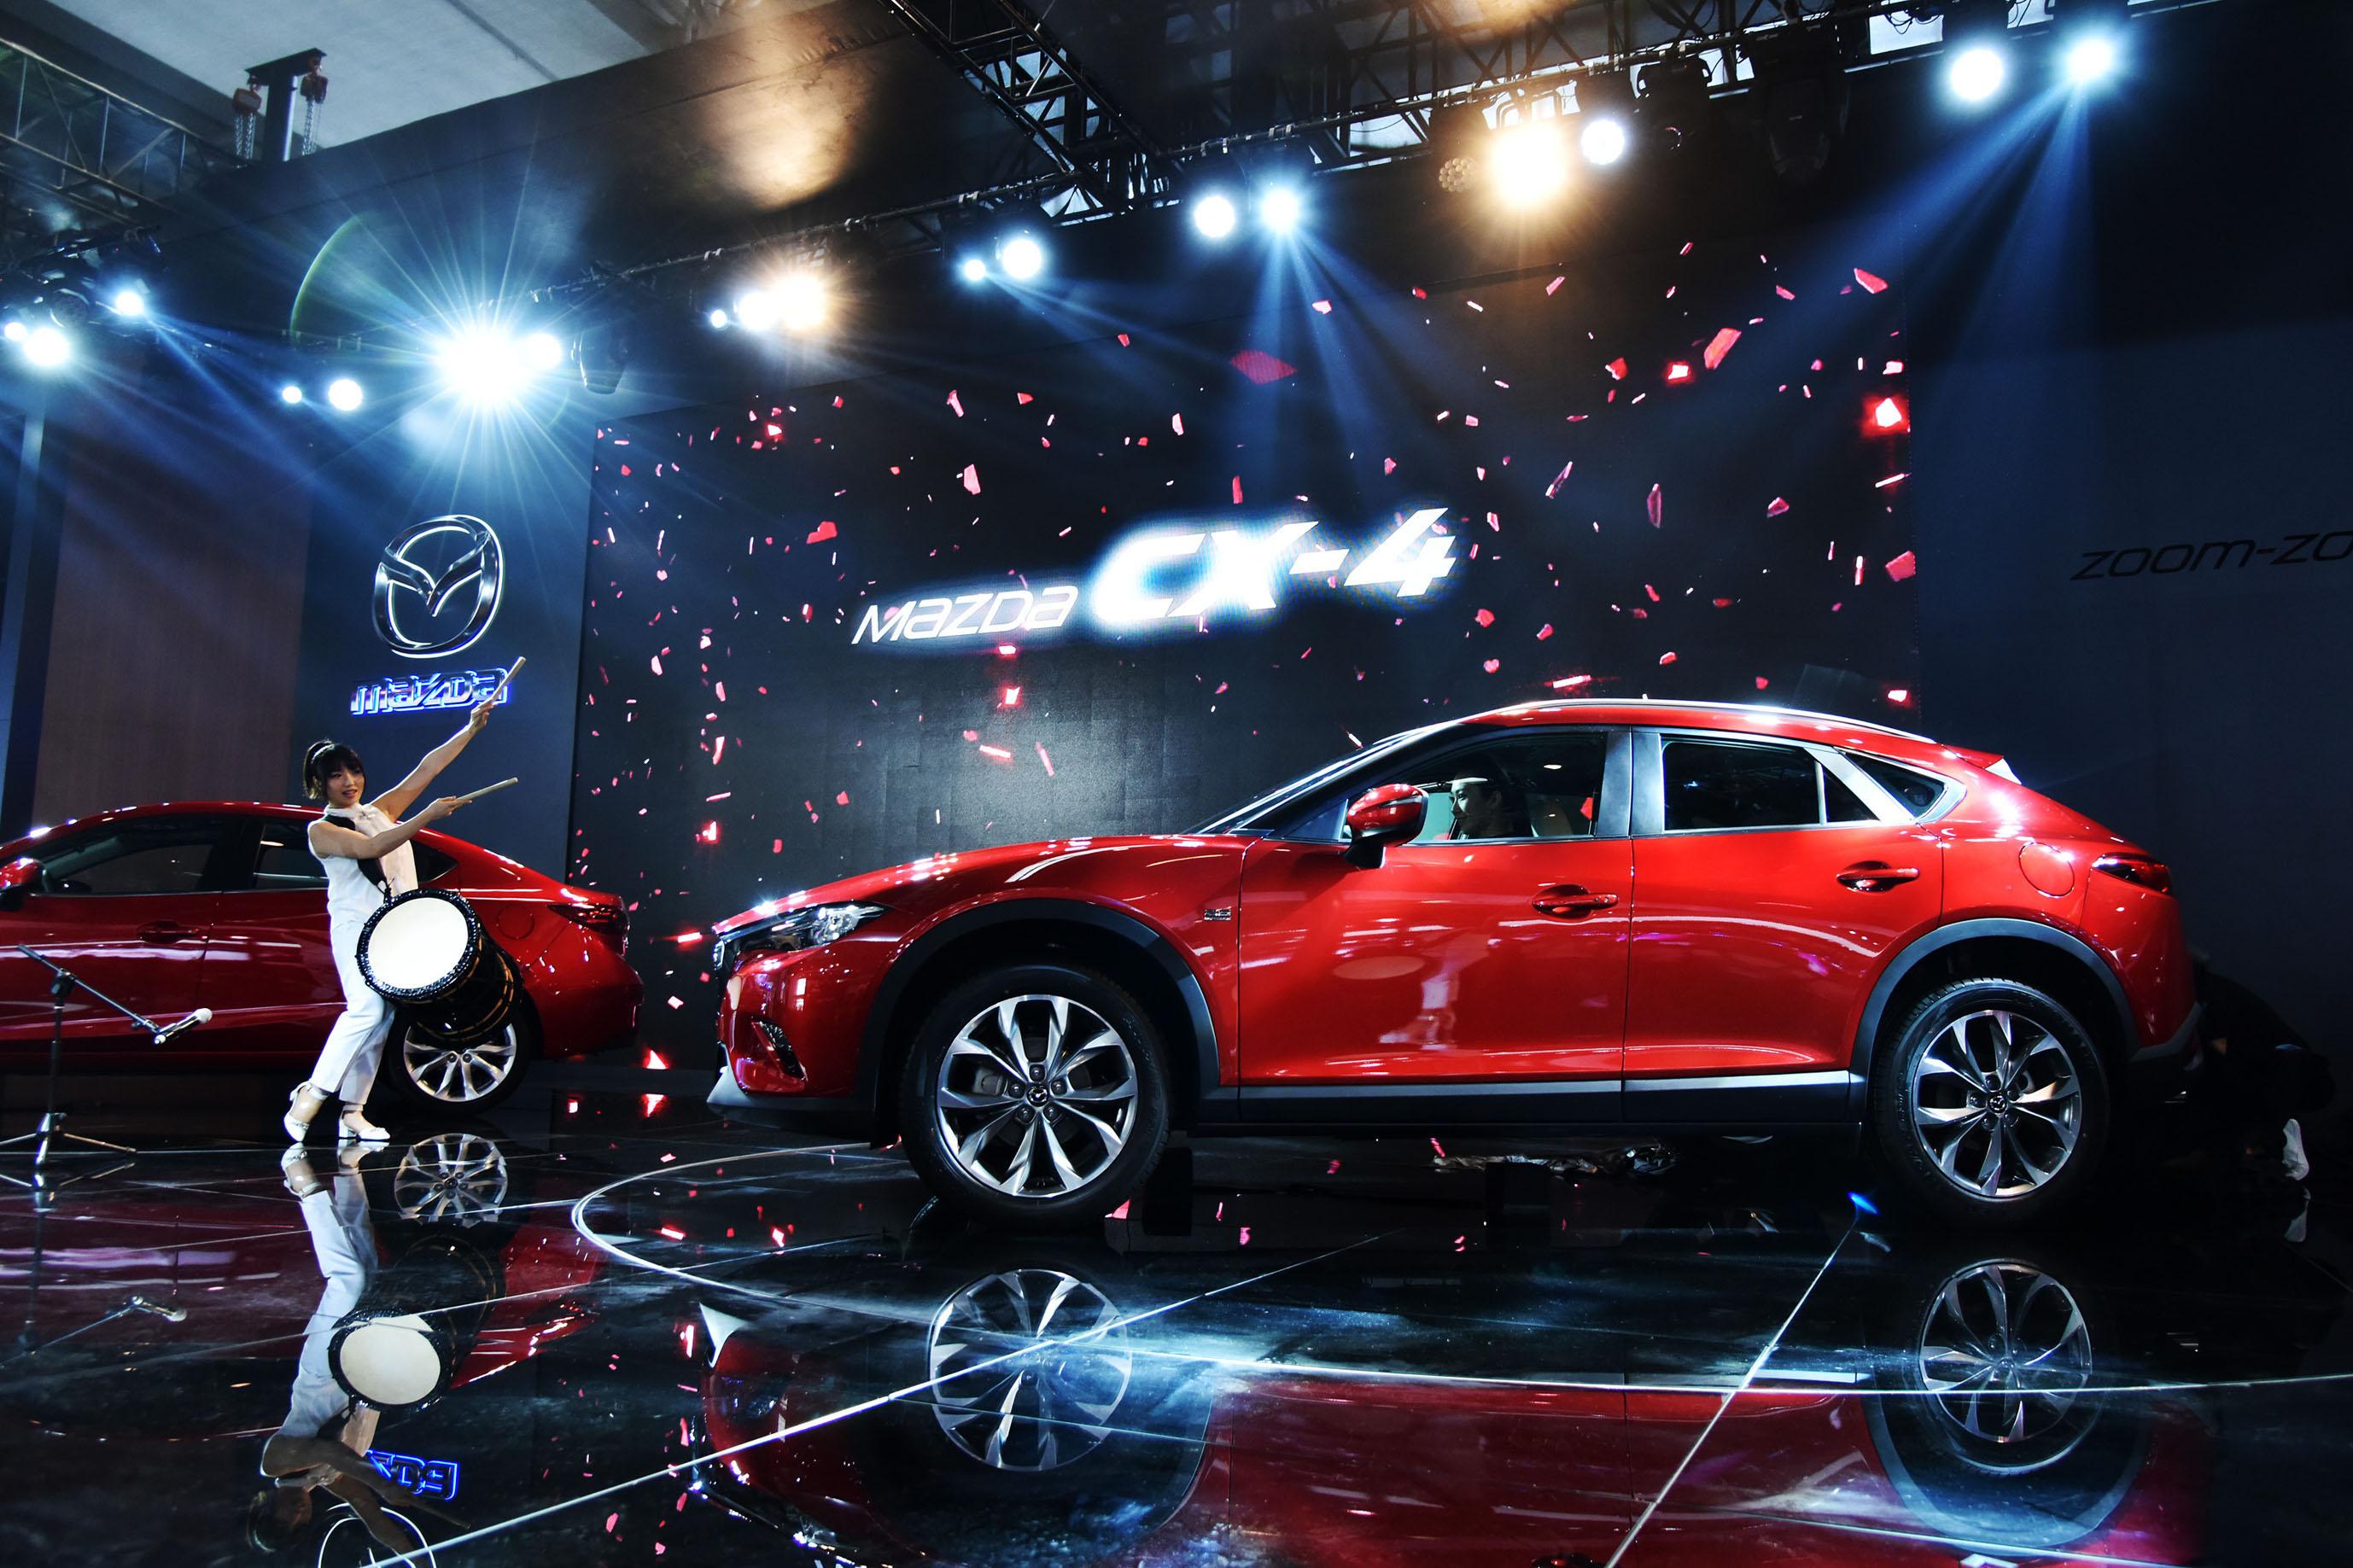 マツダの新SUV「CX-30」、CX-3とCX-5の中間サイズなのにCX-4と呼べない理由